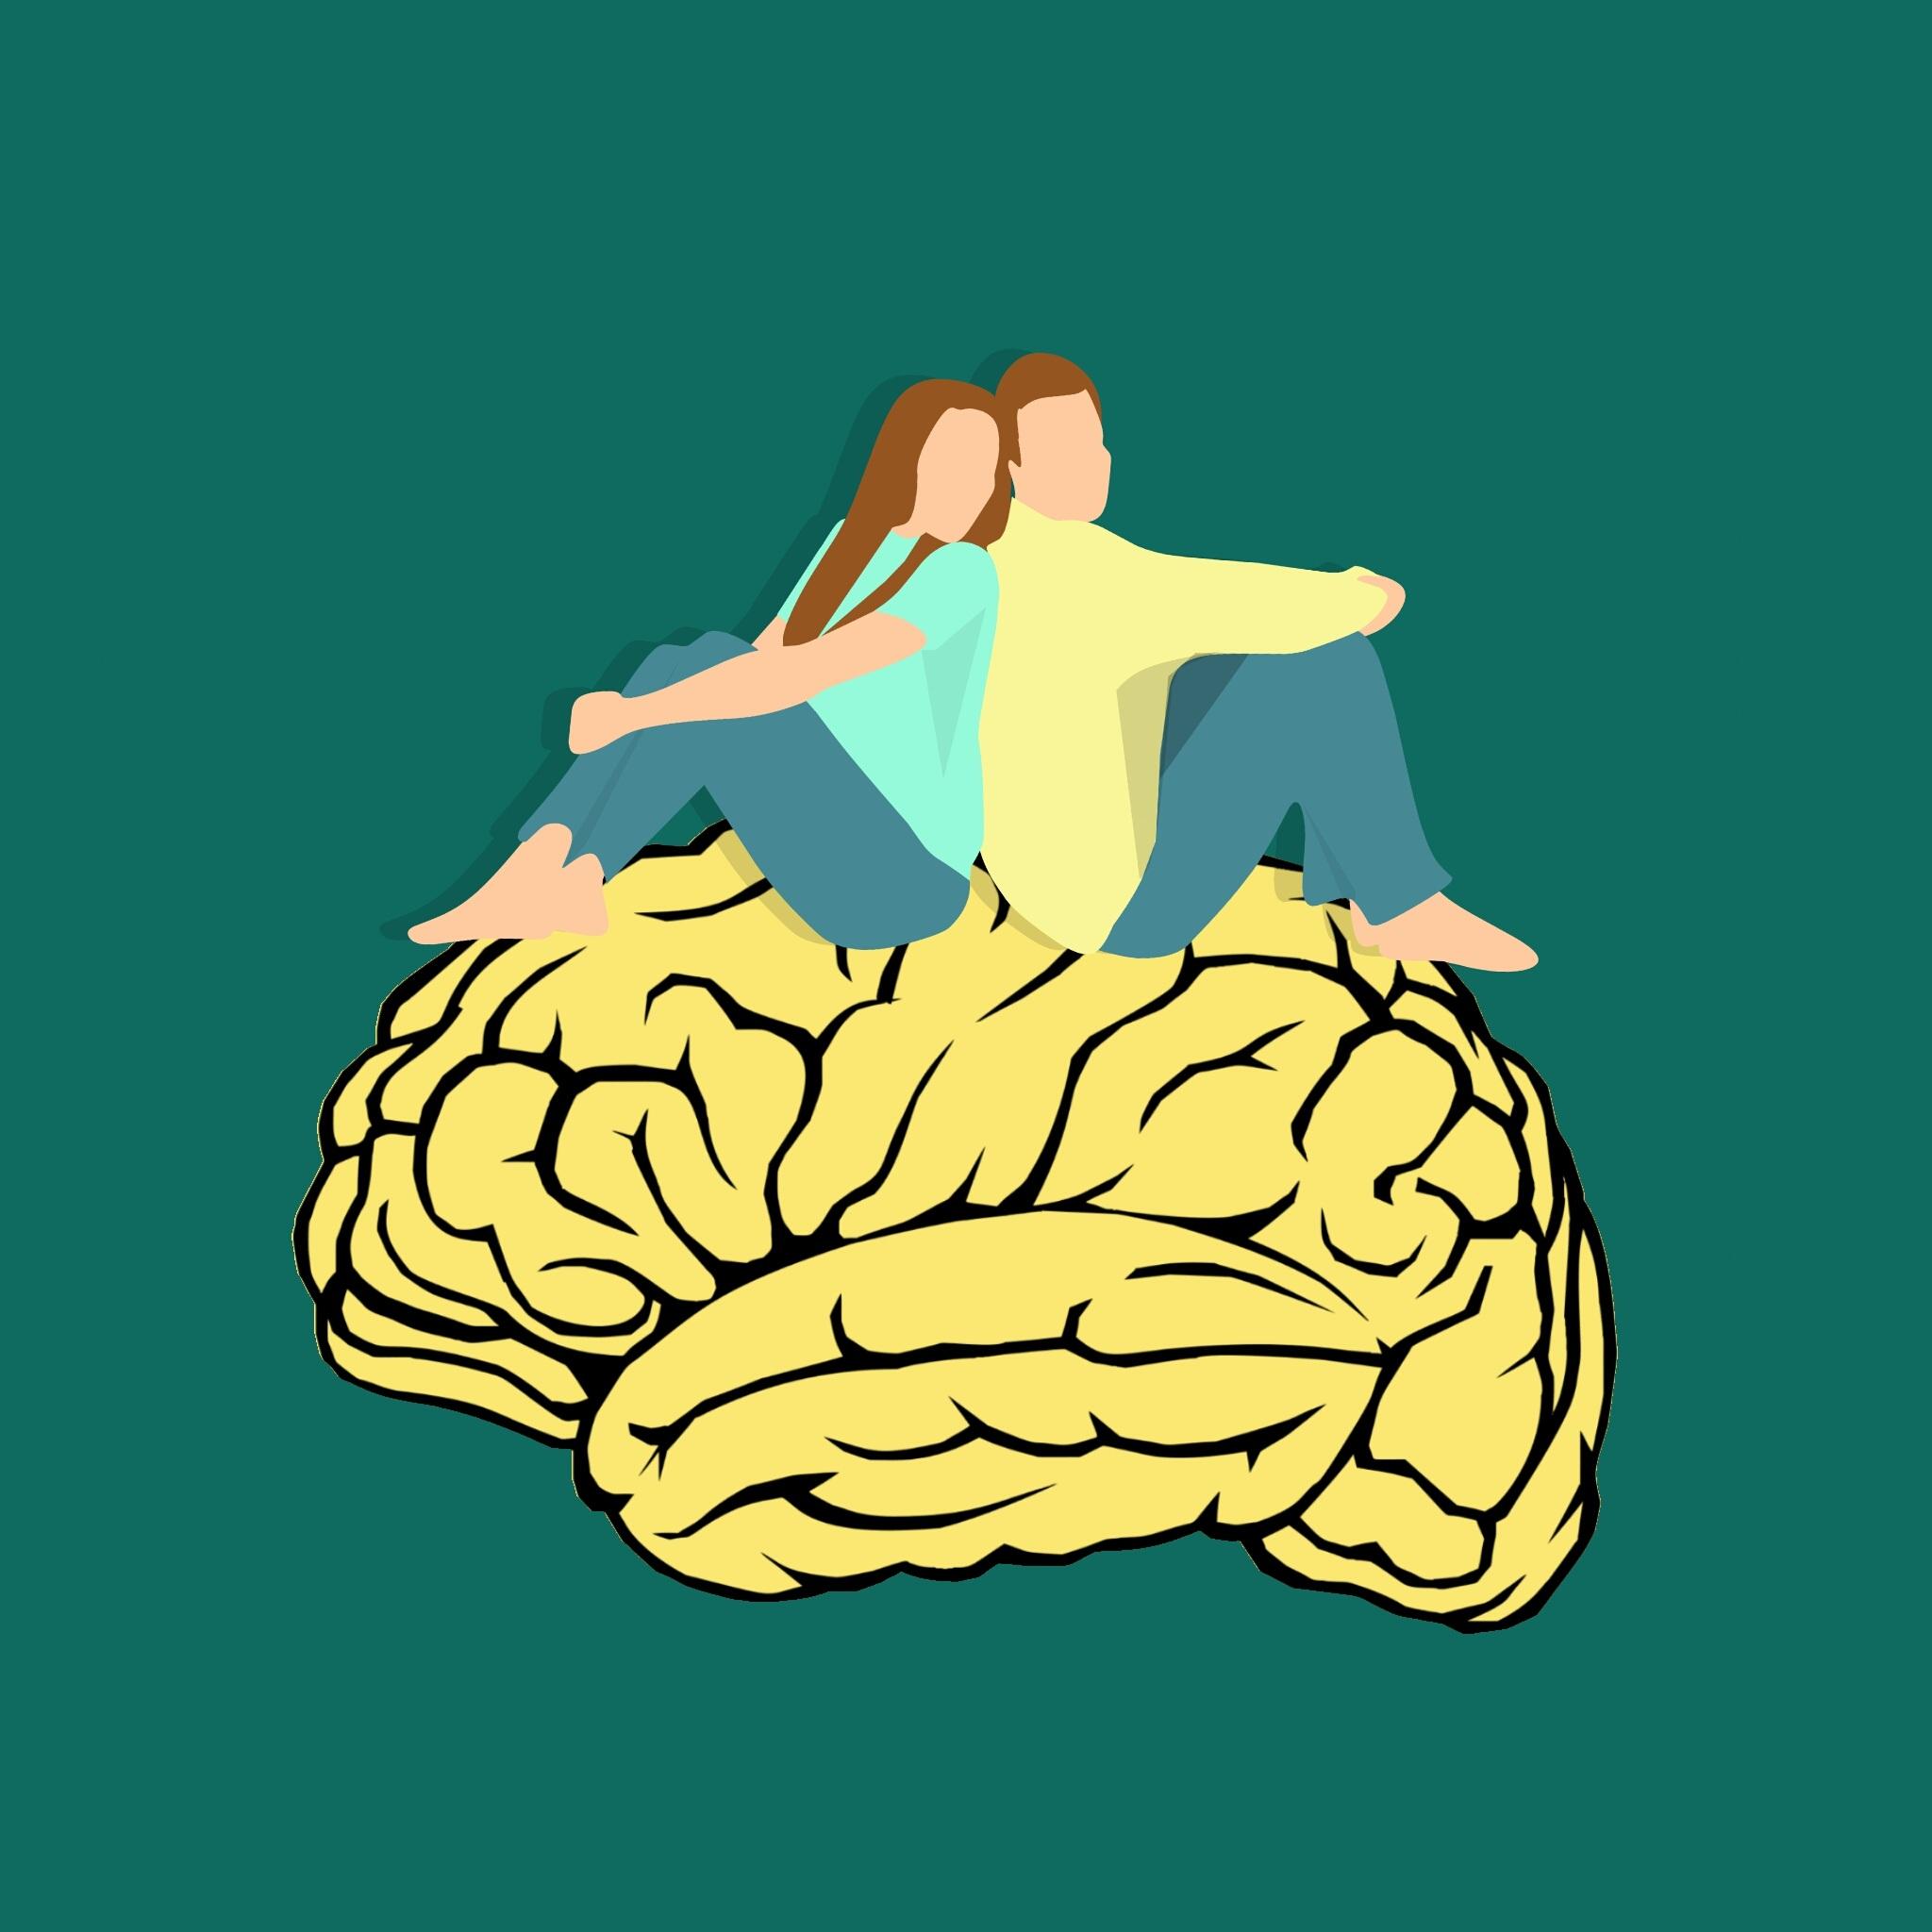 Gambar Sepasang Suami Istri Bersama Otak Pikiran